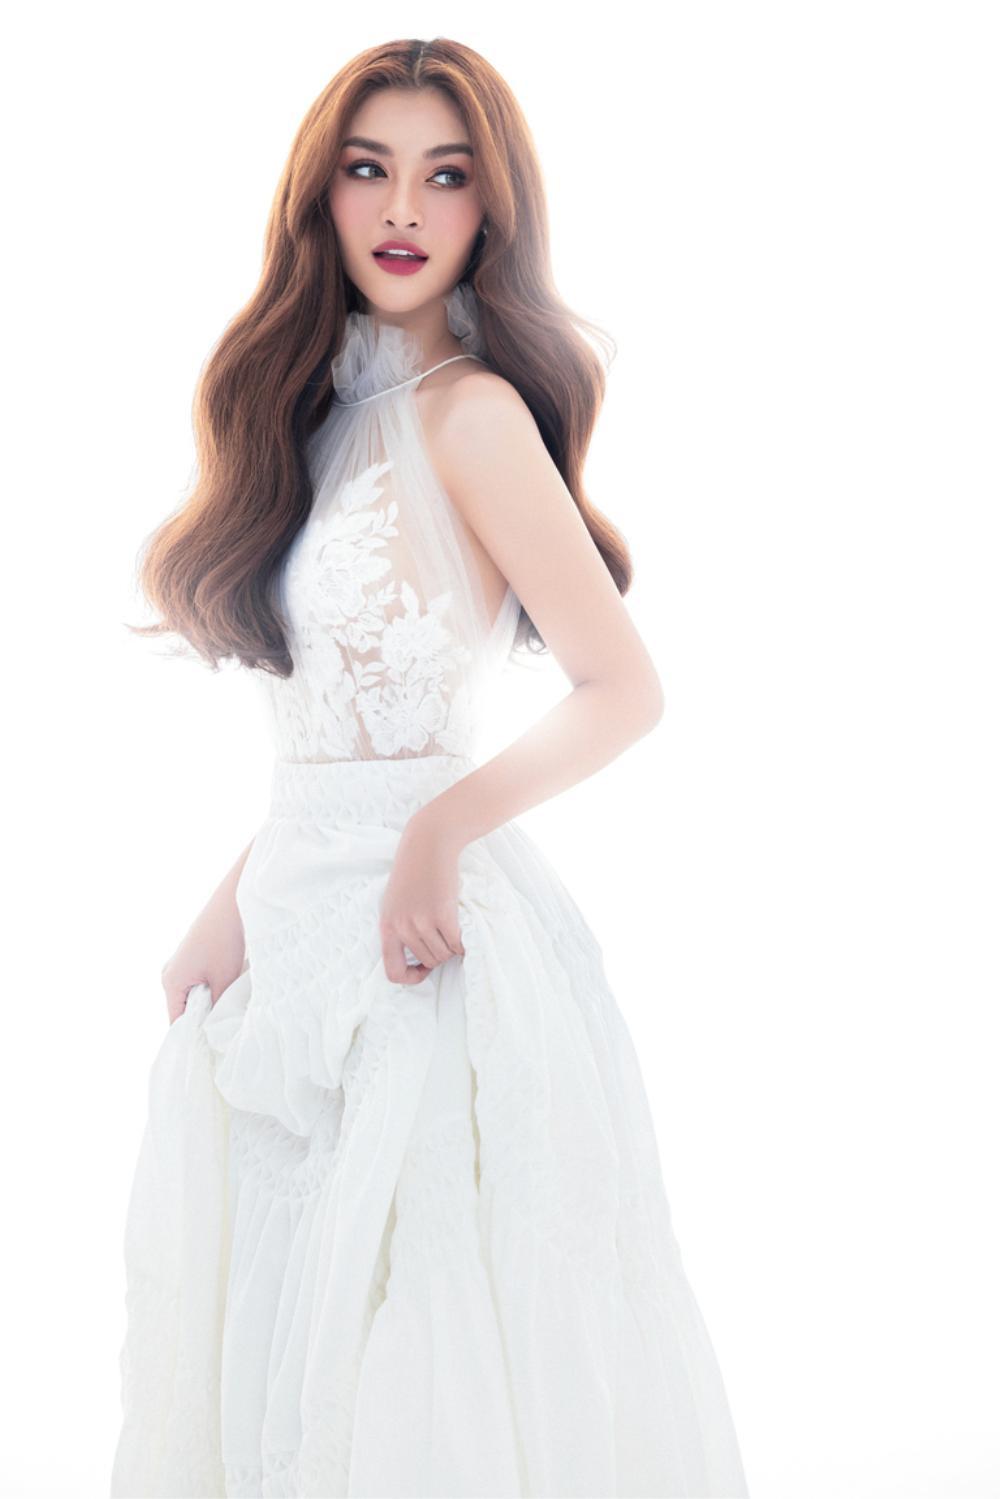 Á hậu Kiều Loan khoe nhan sắc quyến rũ trong bộ ảnh mới Ảnh 12